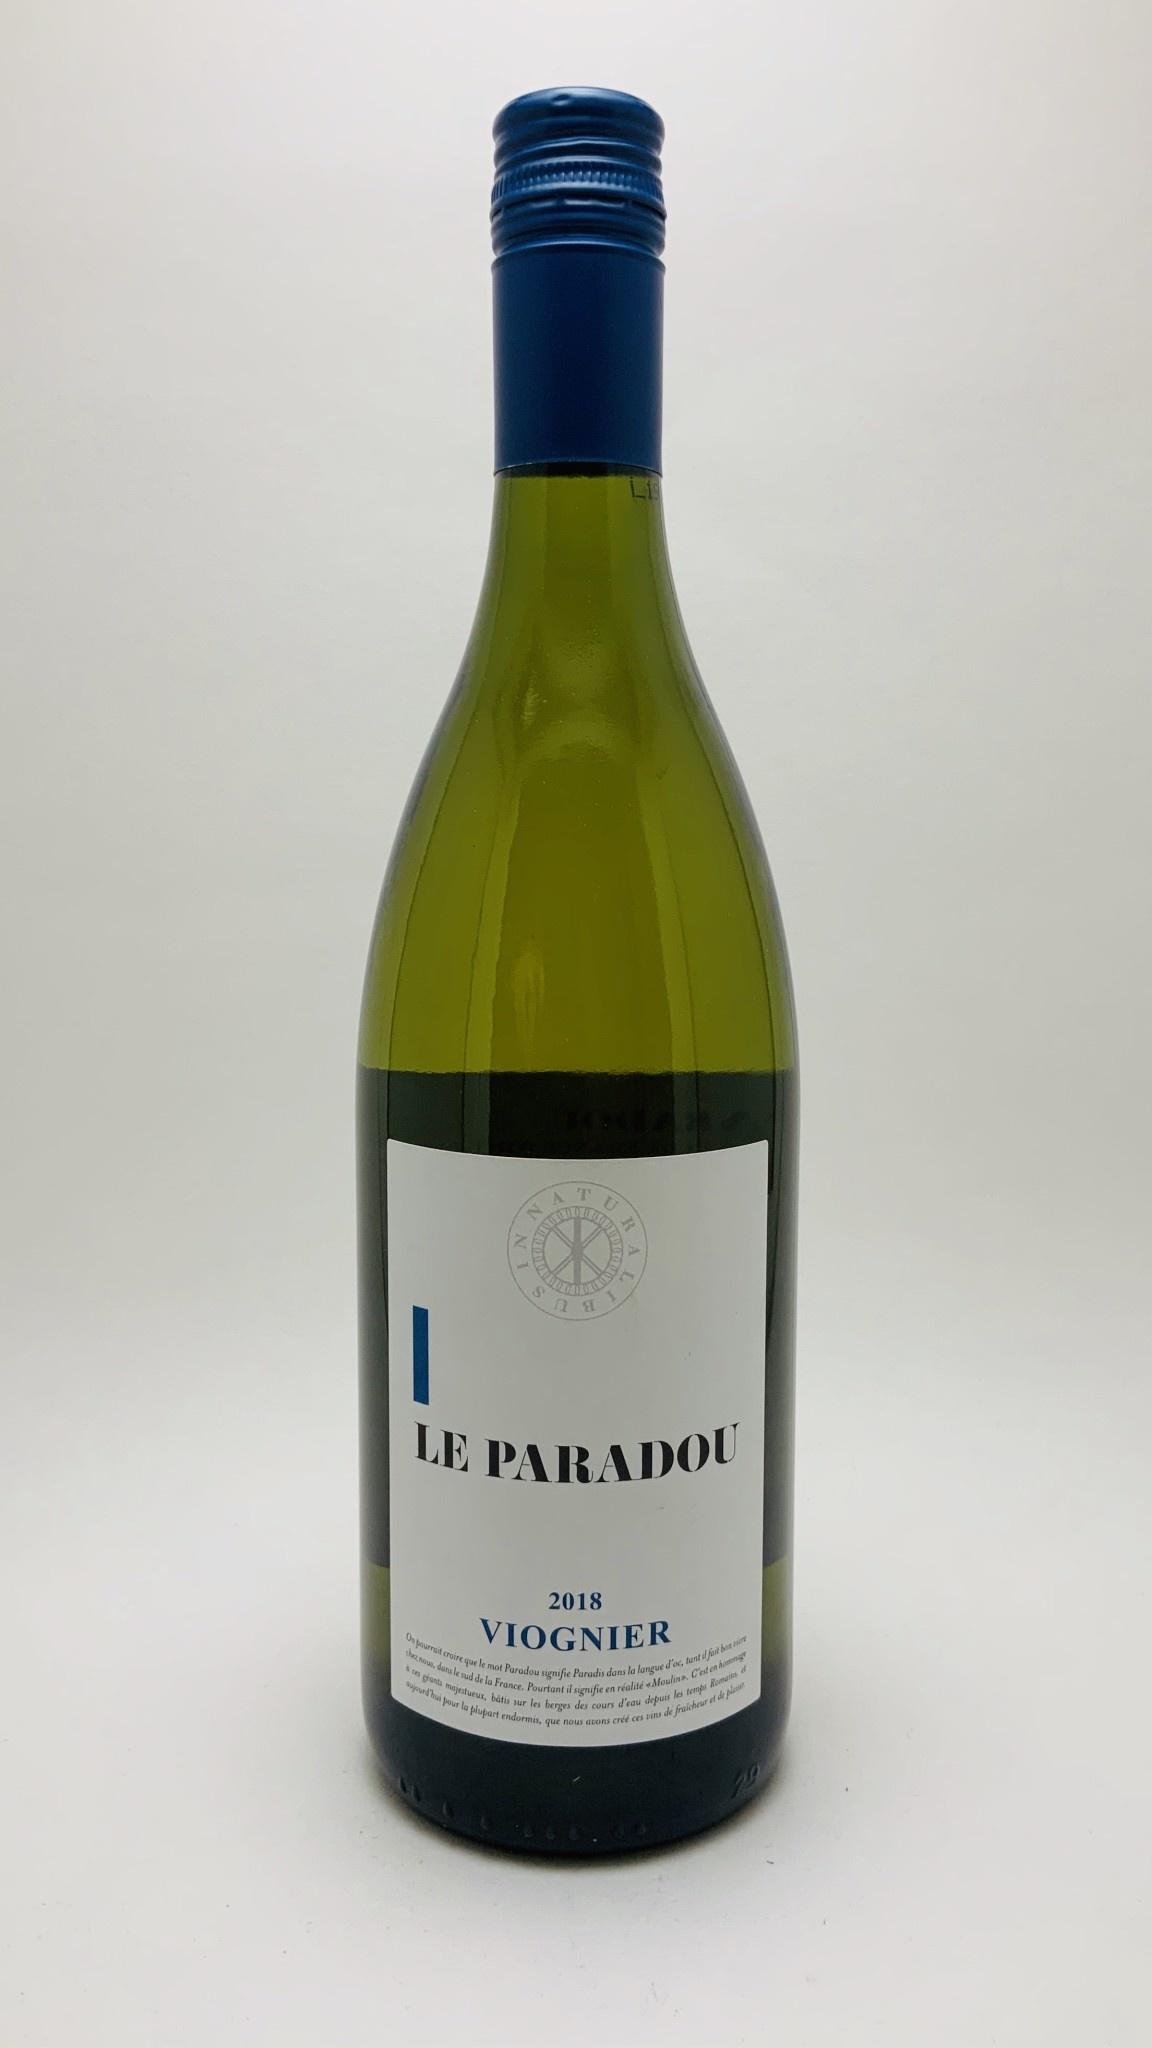 Le Paradou Viognier France 2018